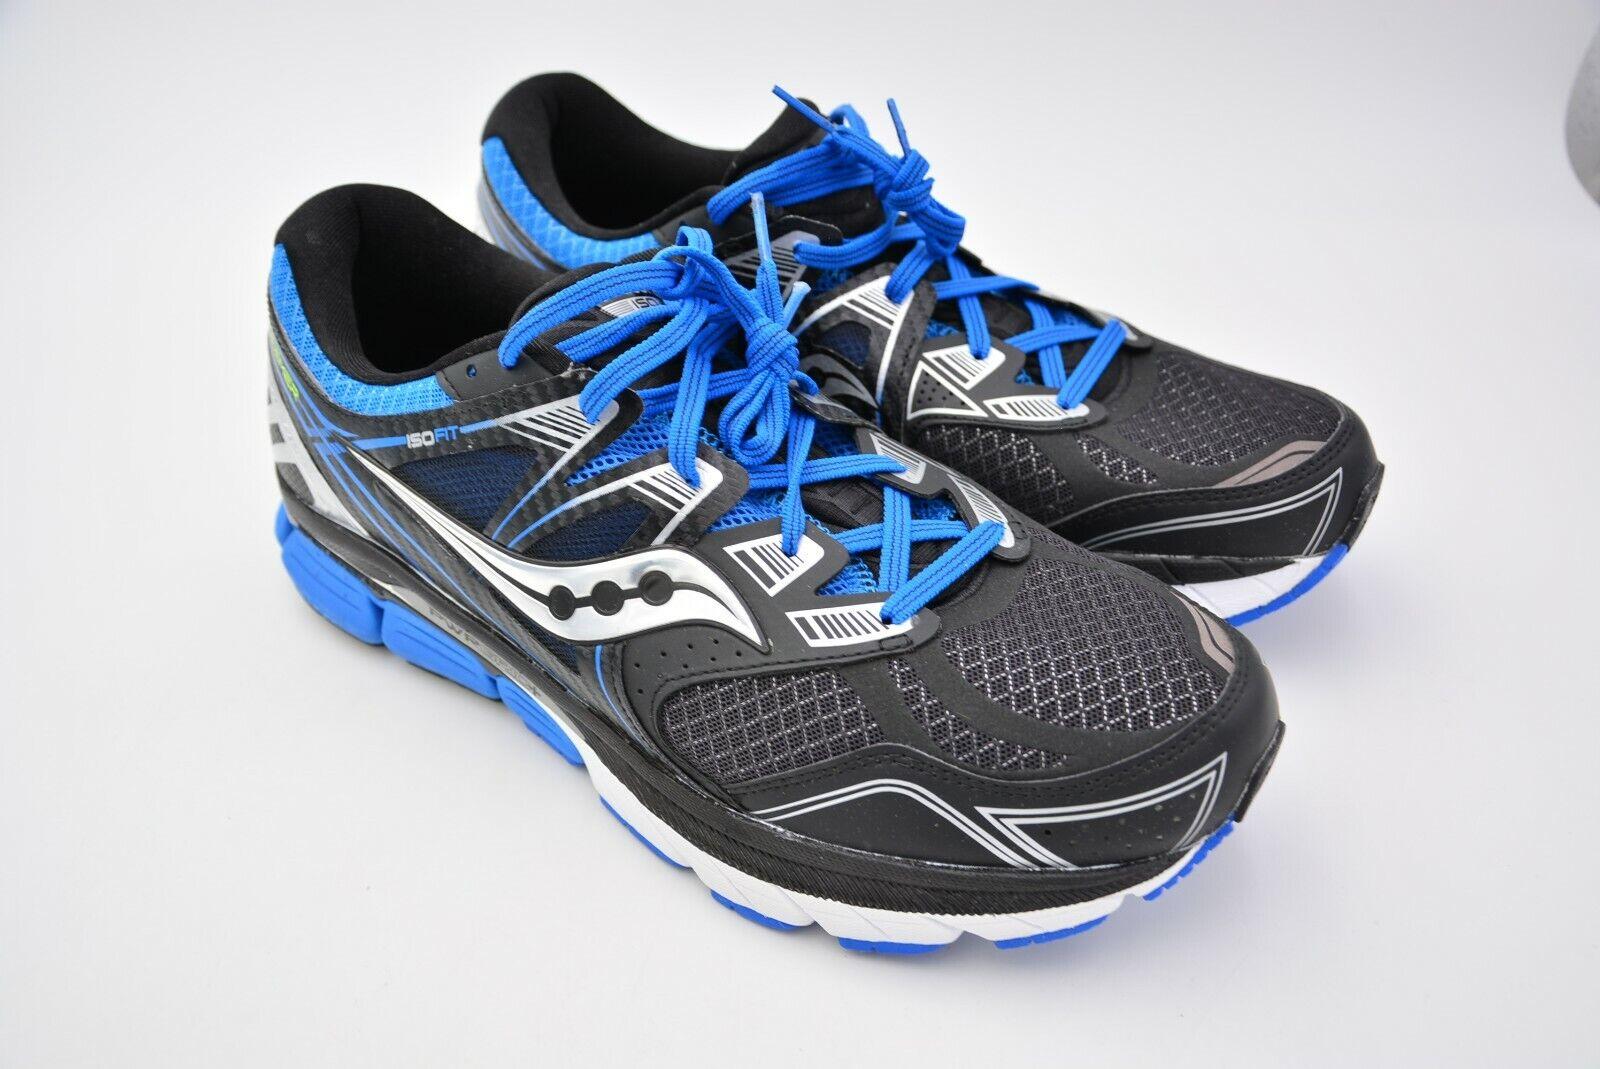 Saucony Para hombre rojoeemer ISO Calzado para Correr Negro azul tamaño nos 12.5 UE 47 Usado